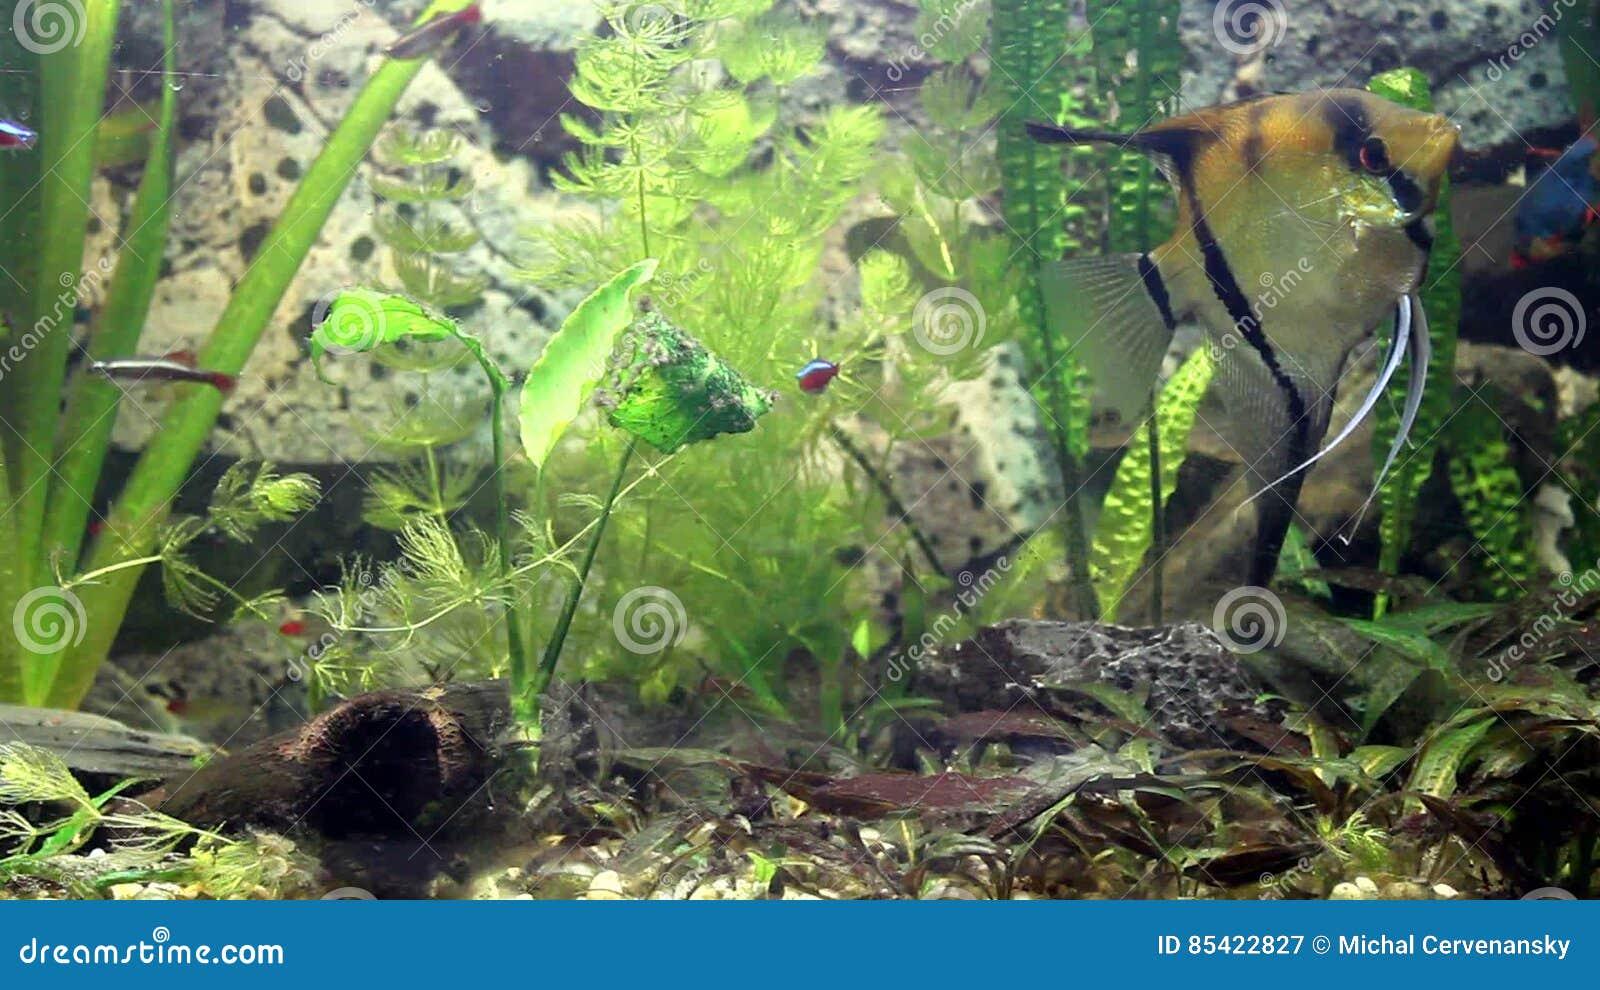 Interesting Video Of Fish Life In Aquarium And Fish Swiming Stock